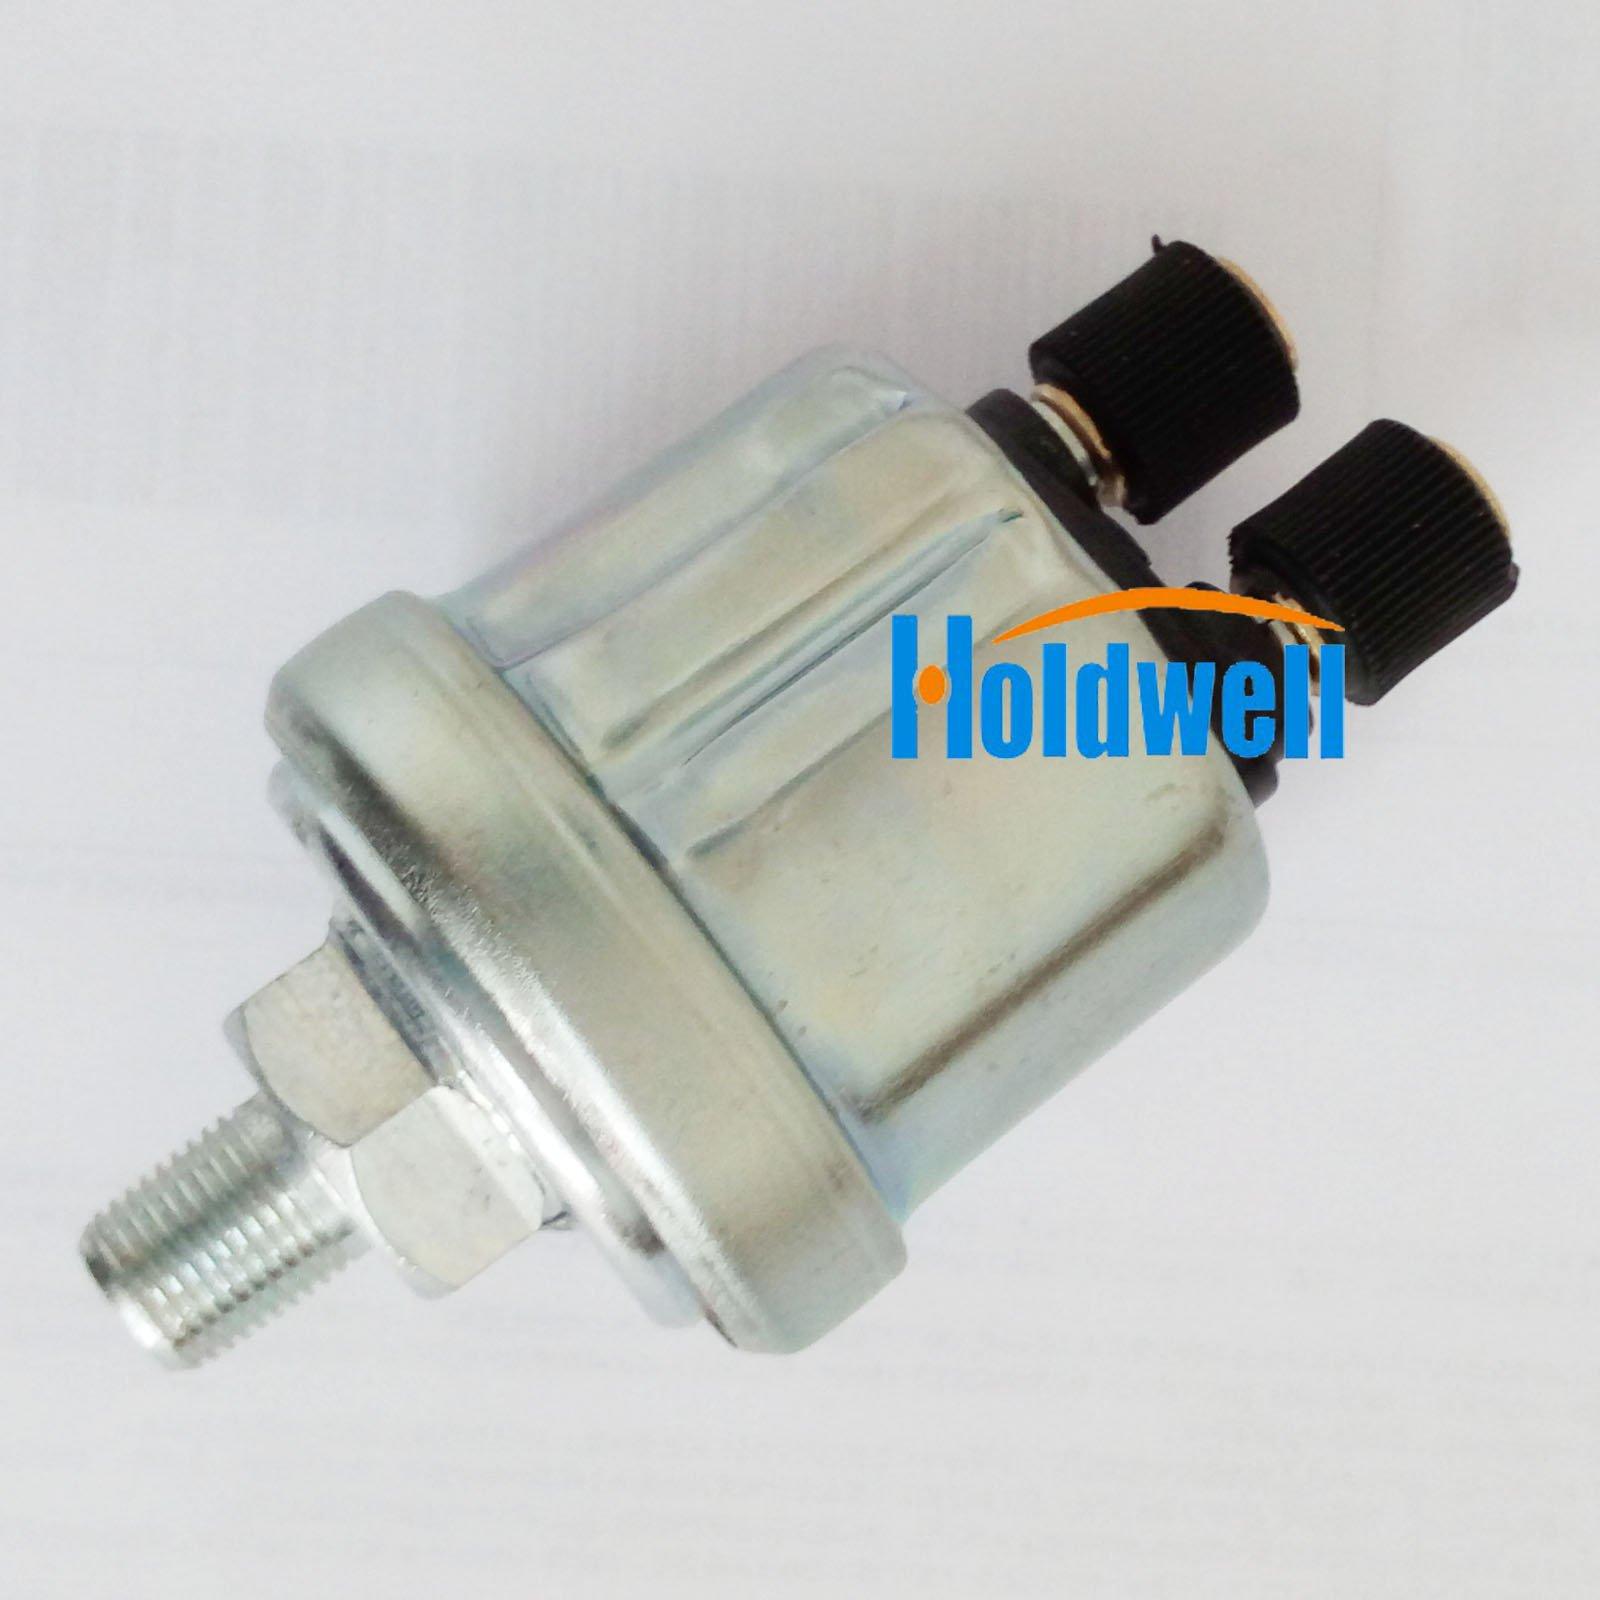 Holdwell VDO Engine Oil Pressure Sensor Sender 0-10Bar 12-24Vdc